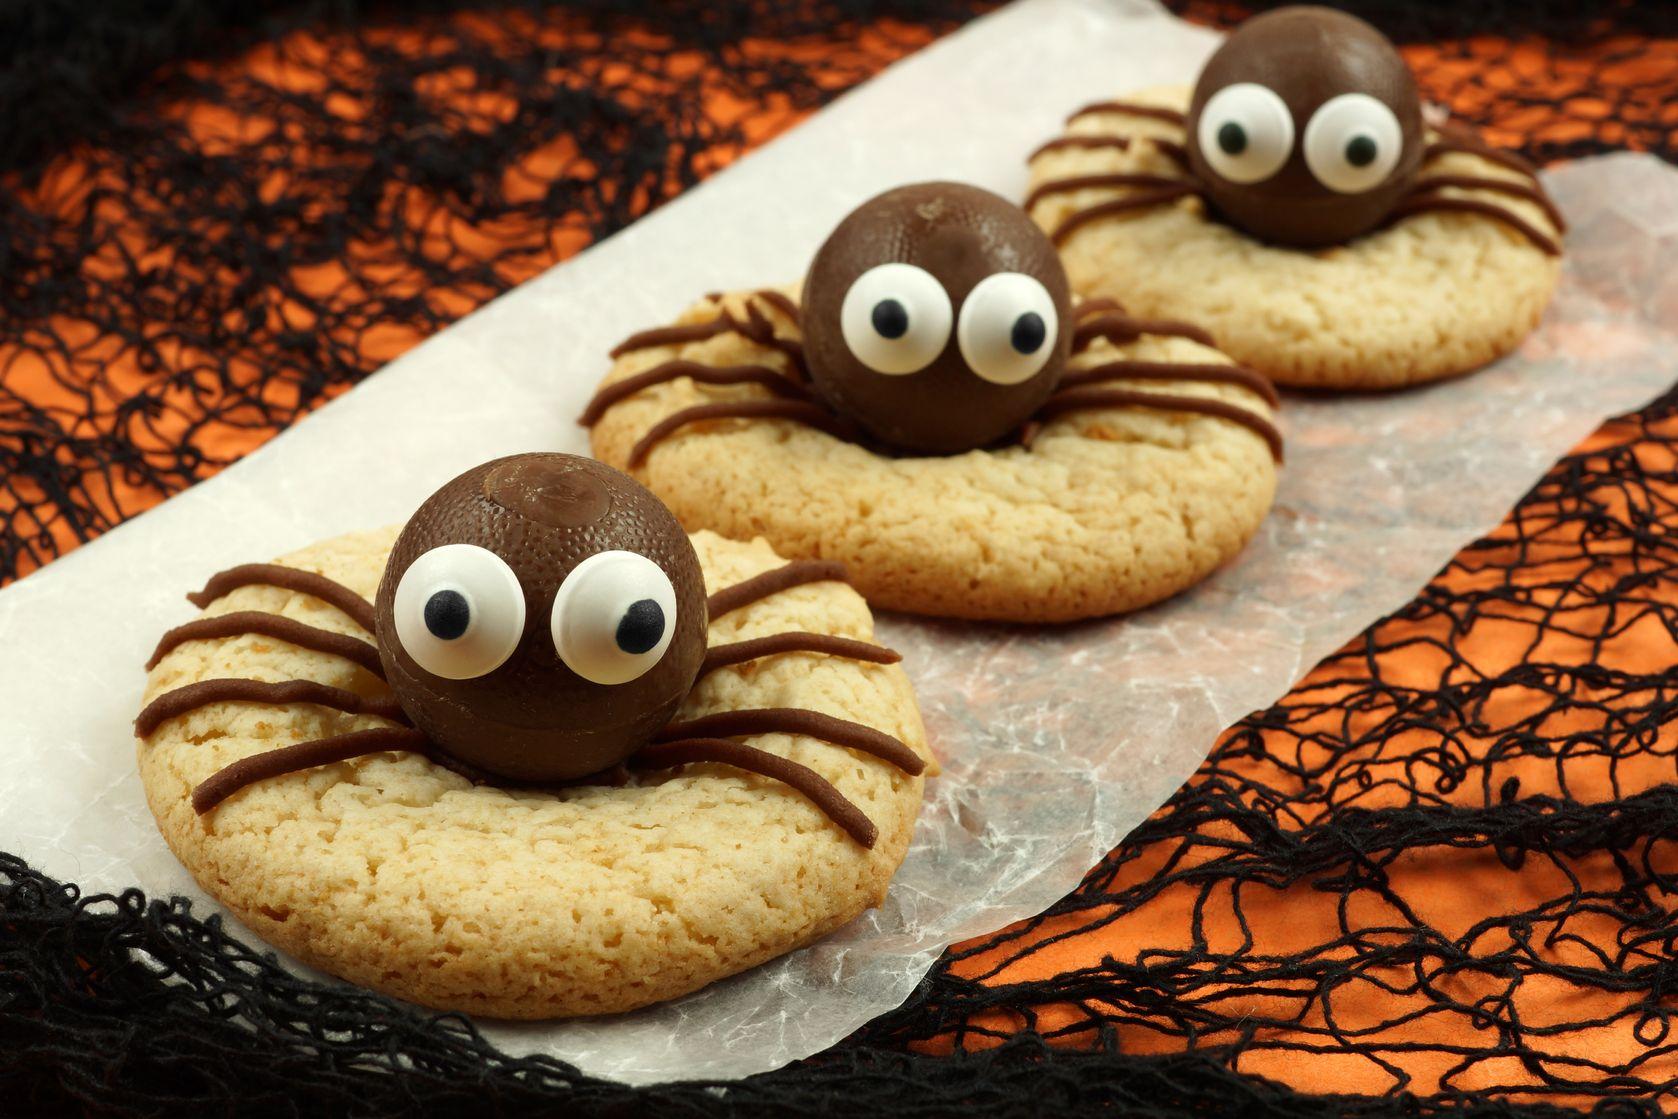 Dulces y chocolates fuera de lo común para regalar en Halloween